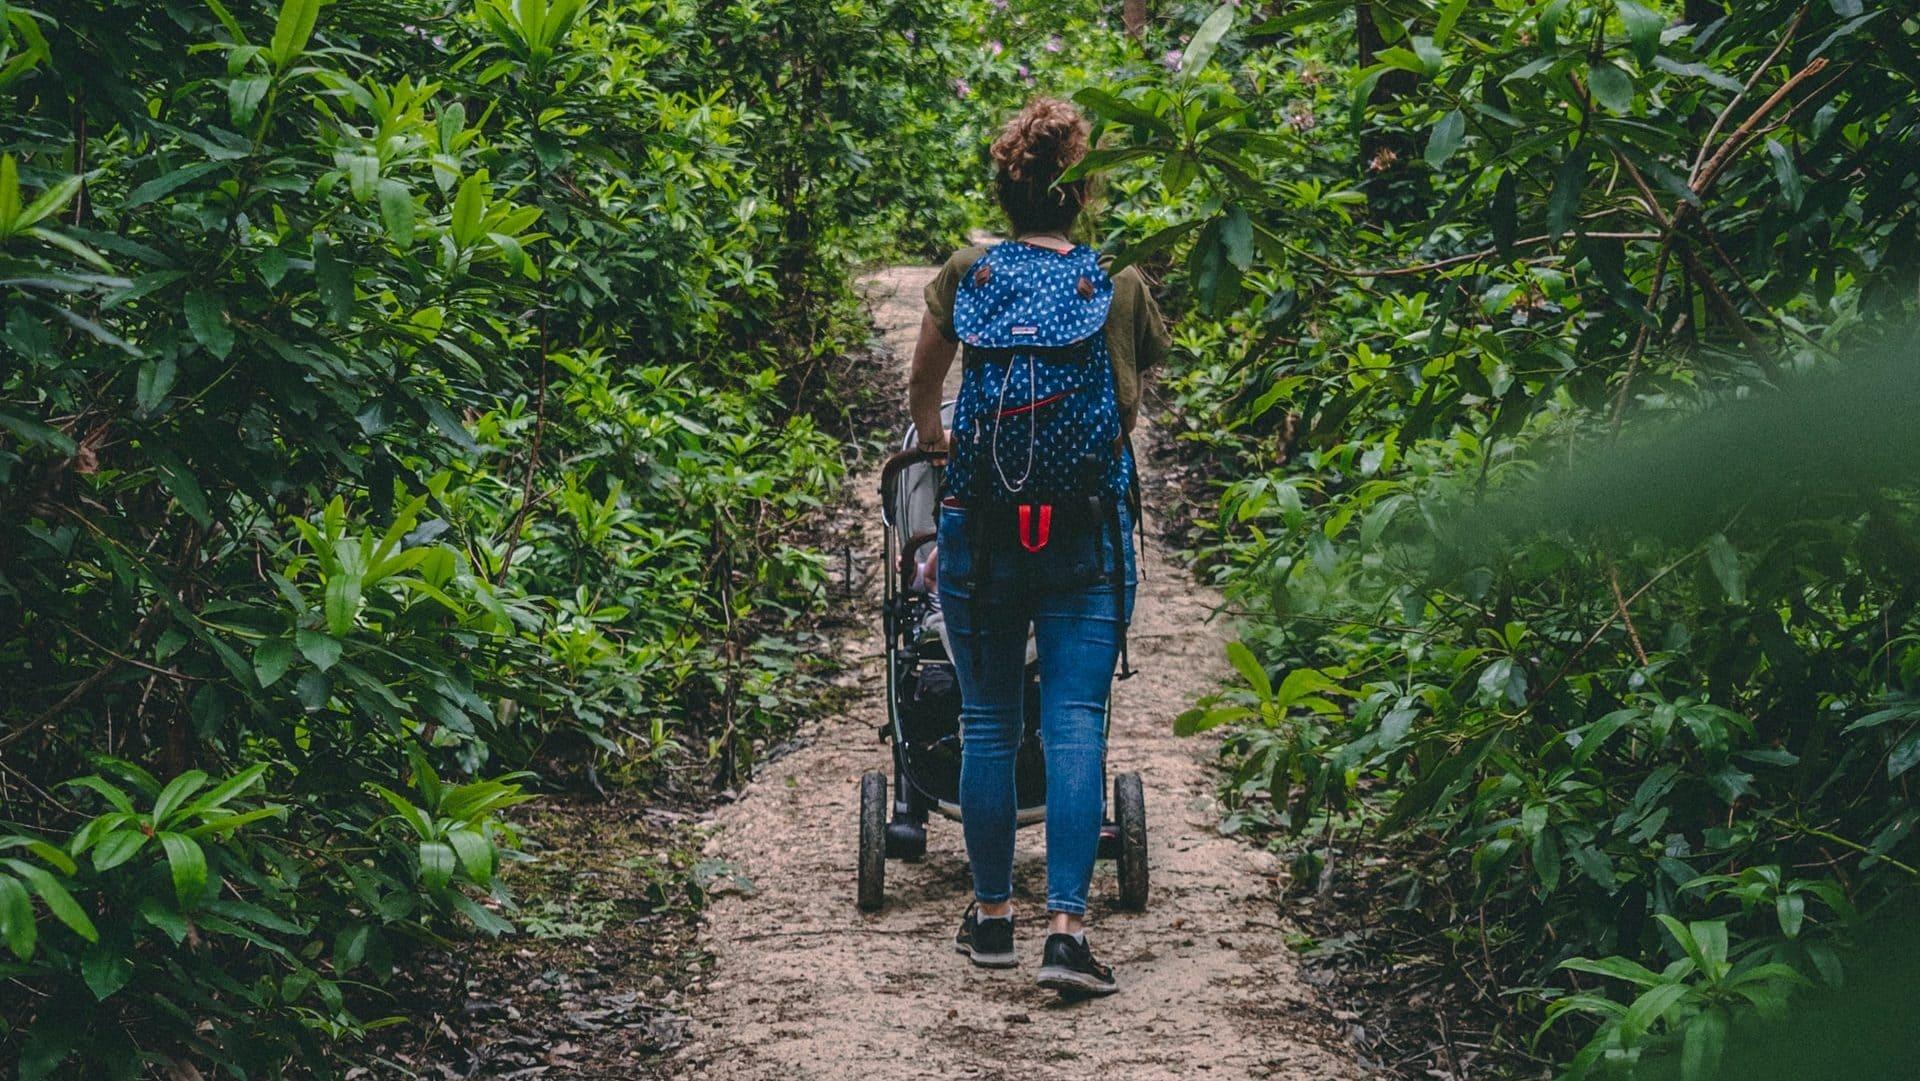 Persoon die door het bos wandelt met kinderwagen, achterzijde